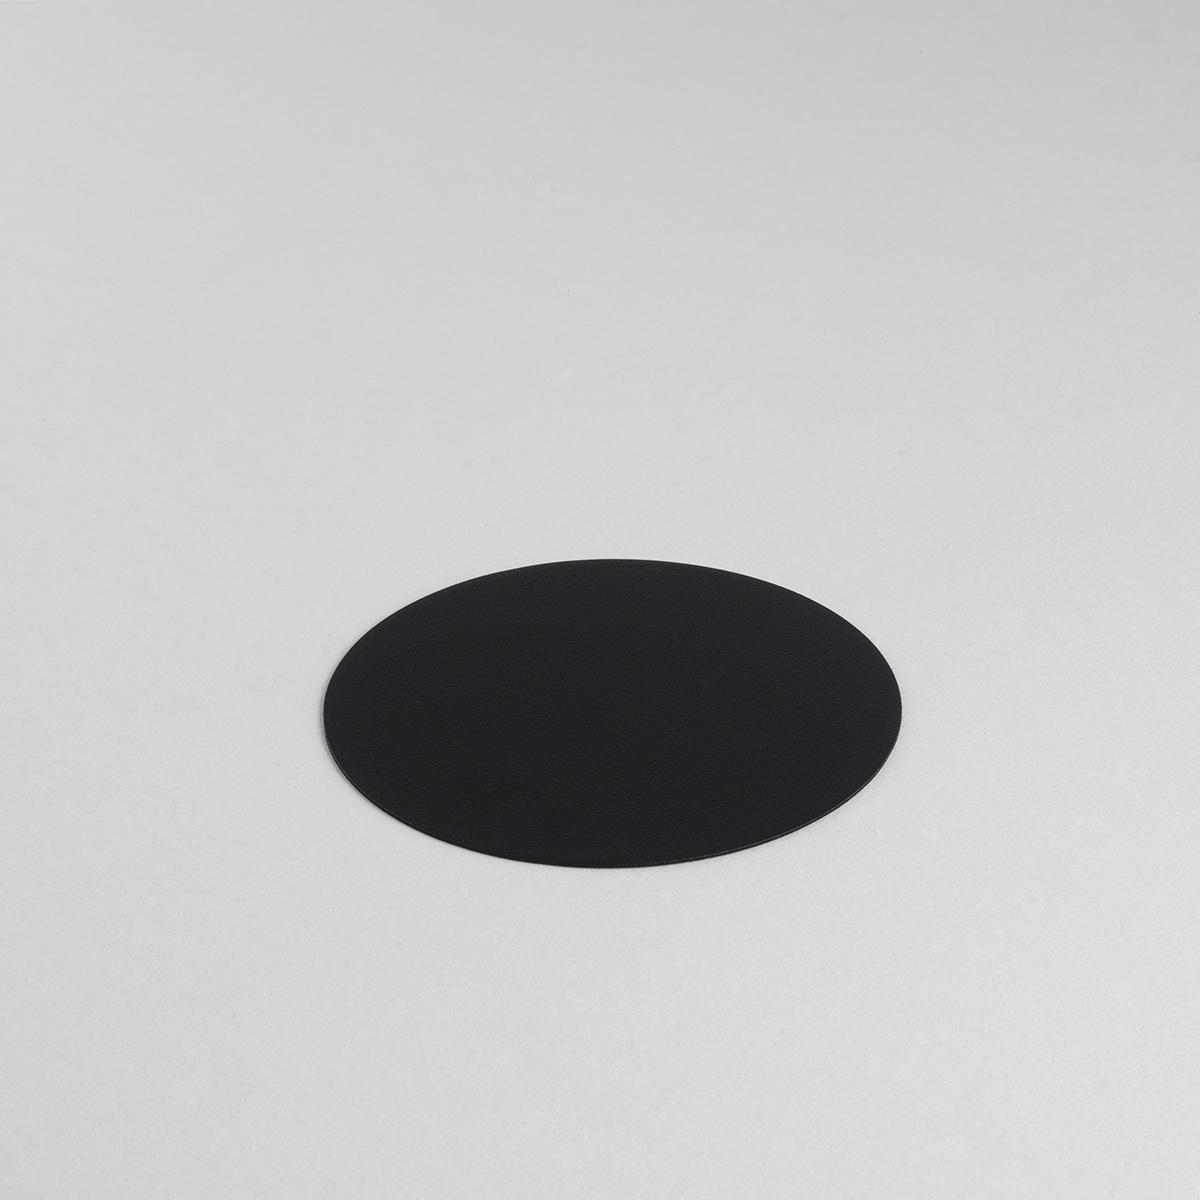 Bicoca Disk Accessory + Magnet